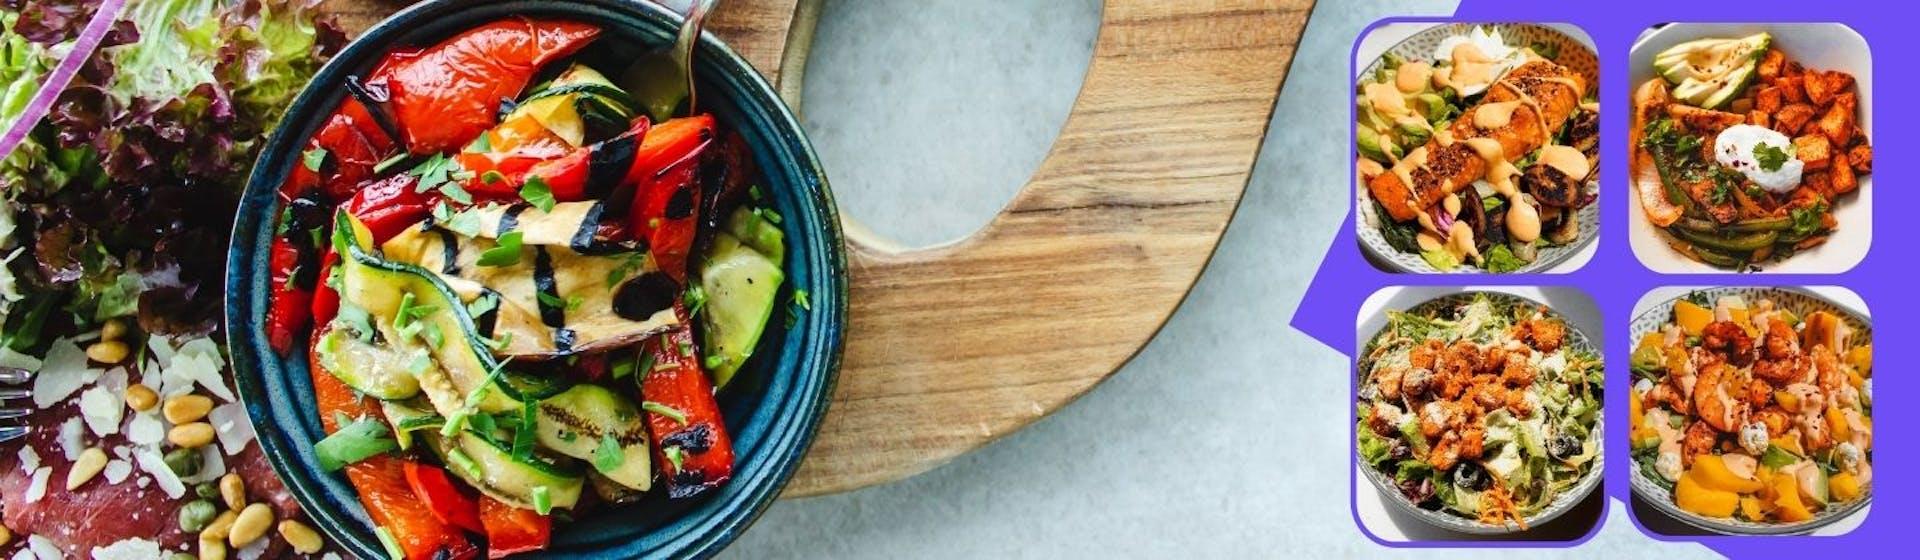 5 ideas de cenas fit para que cenes delicioso y saludable